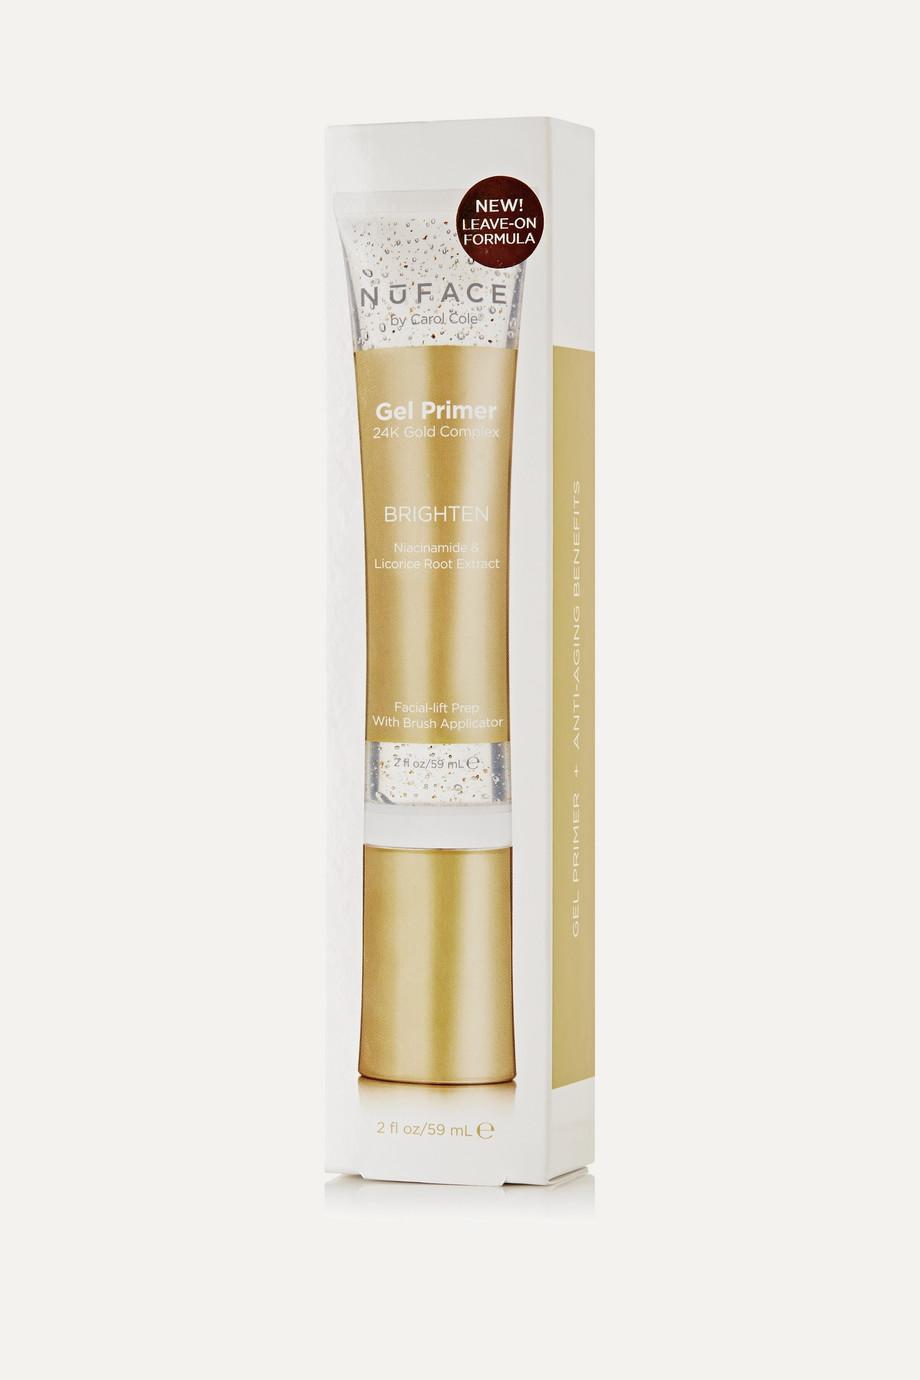 NuFACE Brightening Gel Primer 24k Gold Complex, 59 ml – Primer